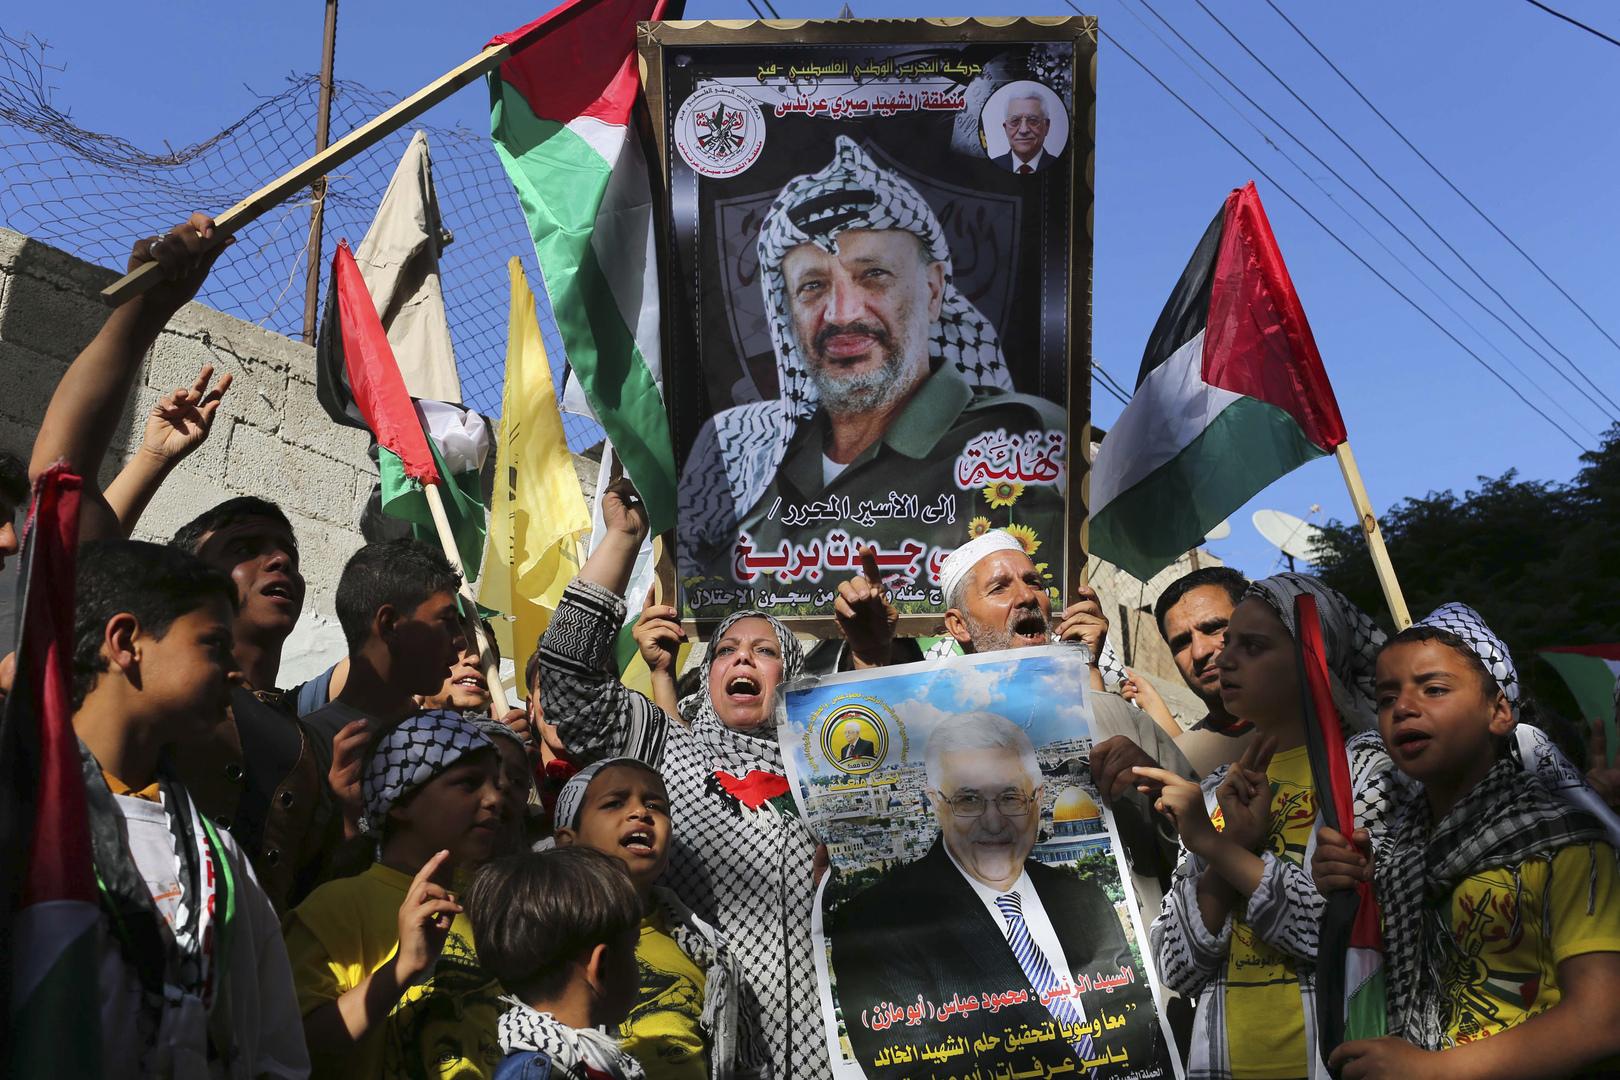 متظاهرون فلسطينيون يحملون صورة للزعيم الفلسطيني الراحل ياسر عرفات